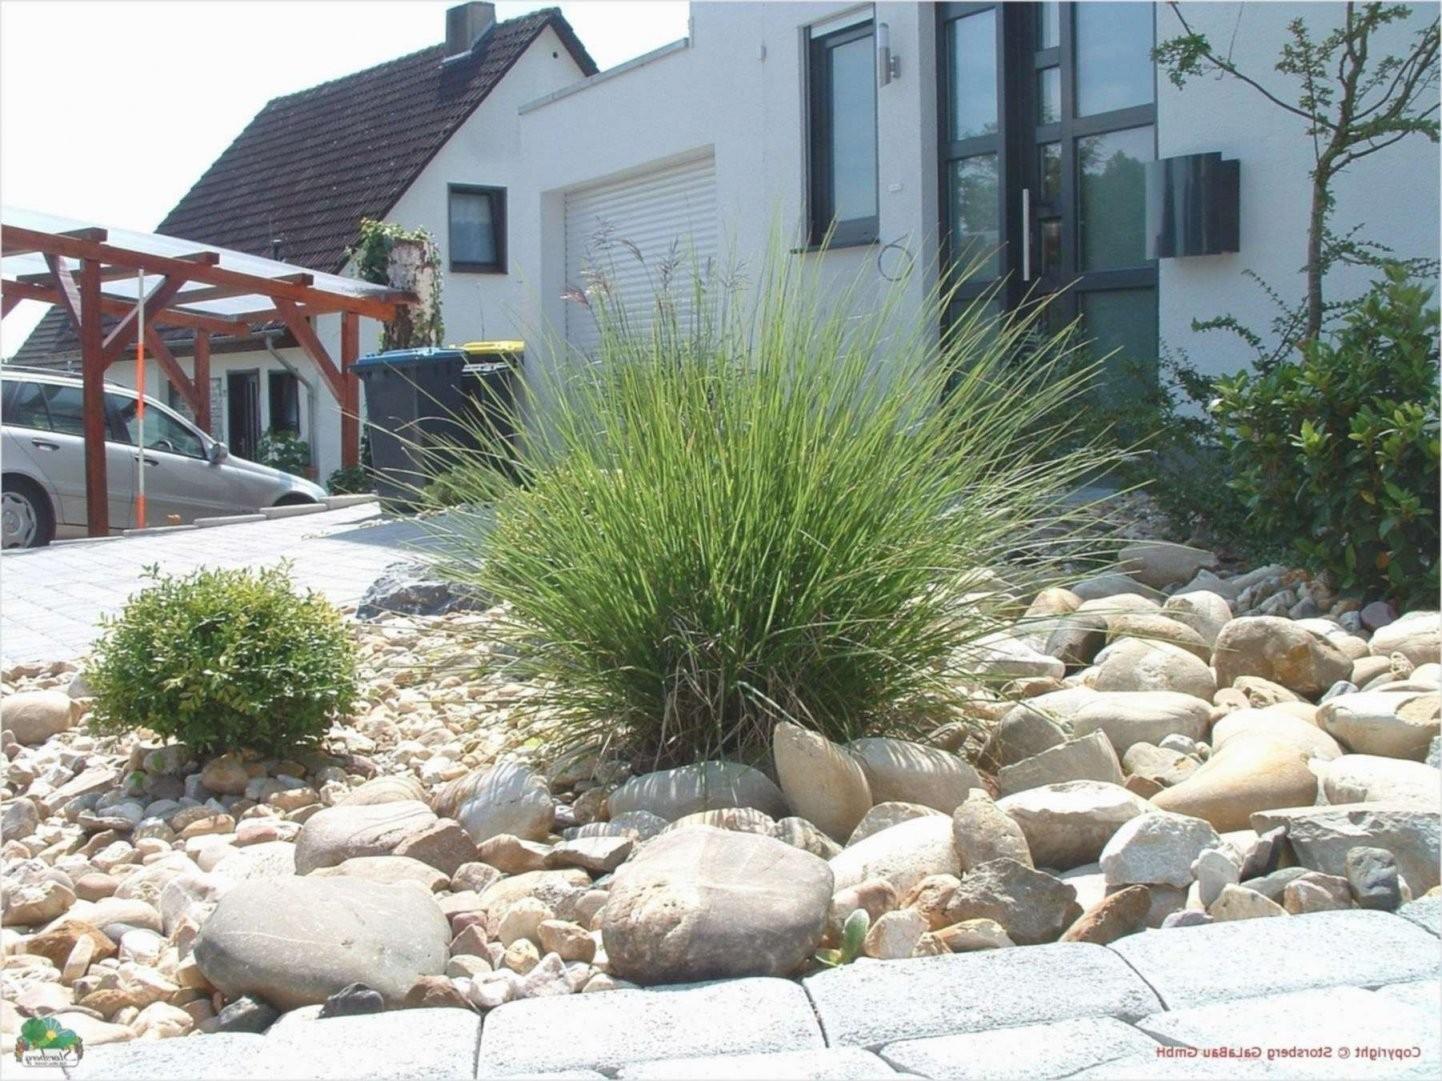 Gartengestaltung Mit Steinen Und Rindenmulch Am Hang Schema Von von Gartengestaltung Mit Steinen Am Hang Photo